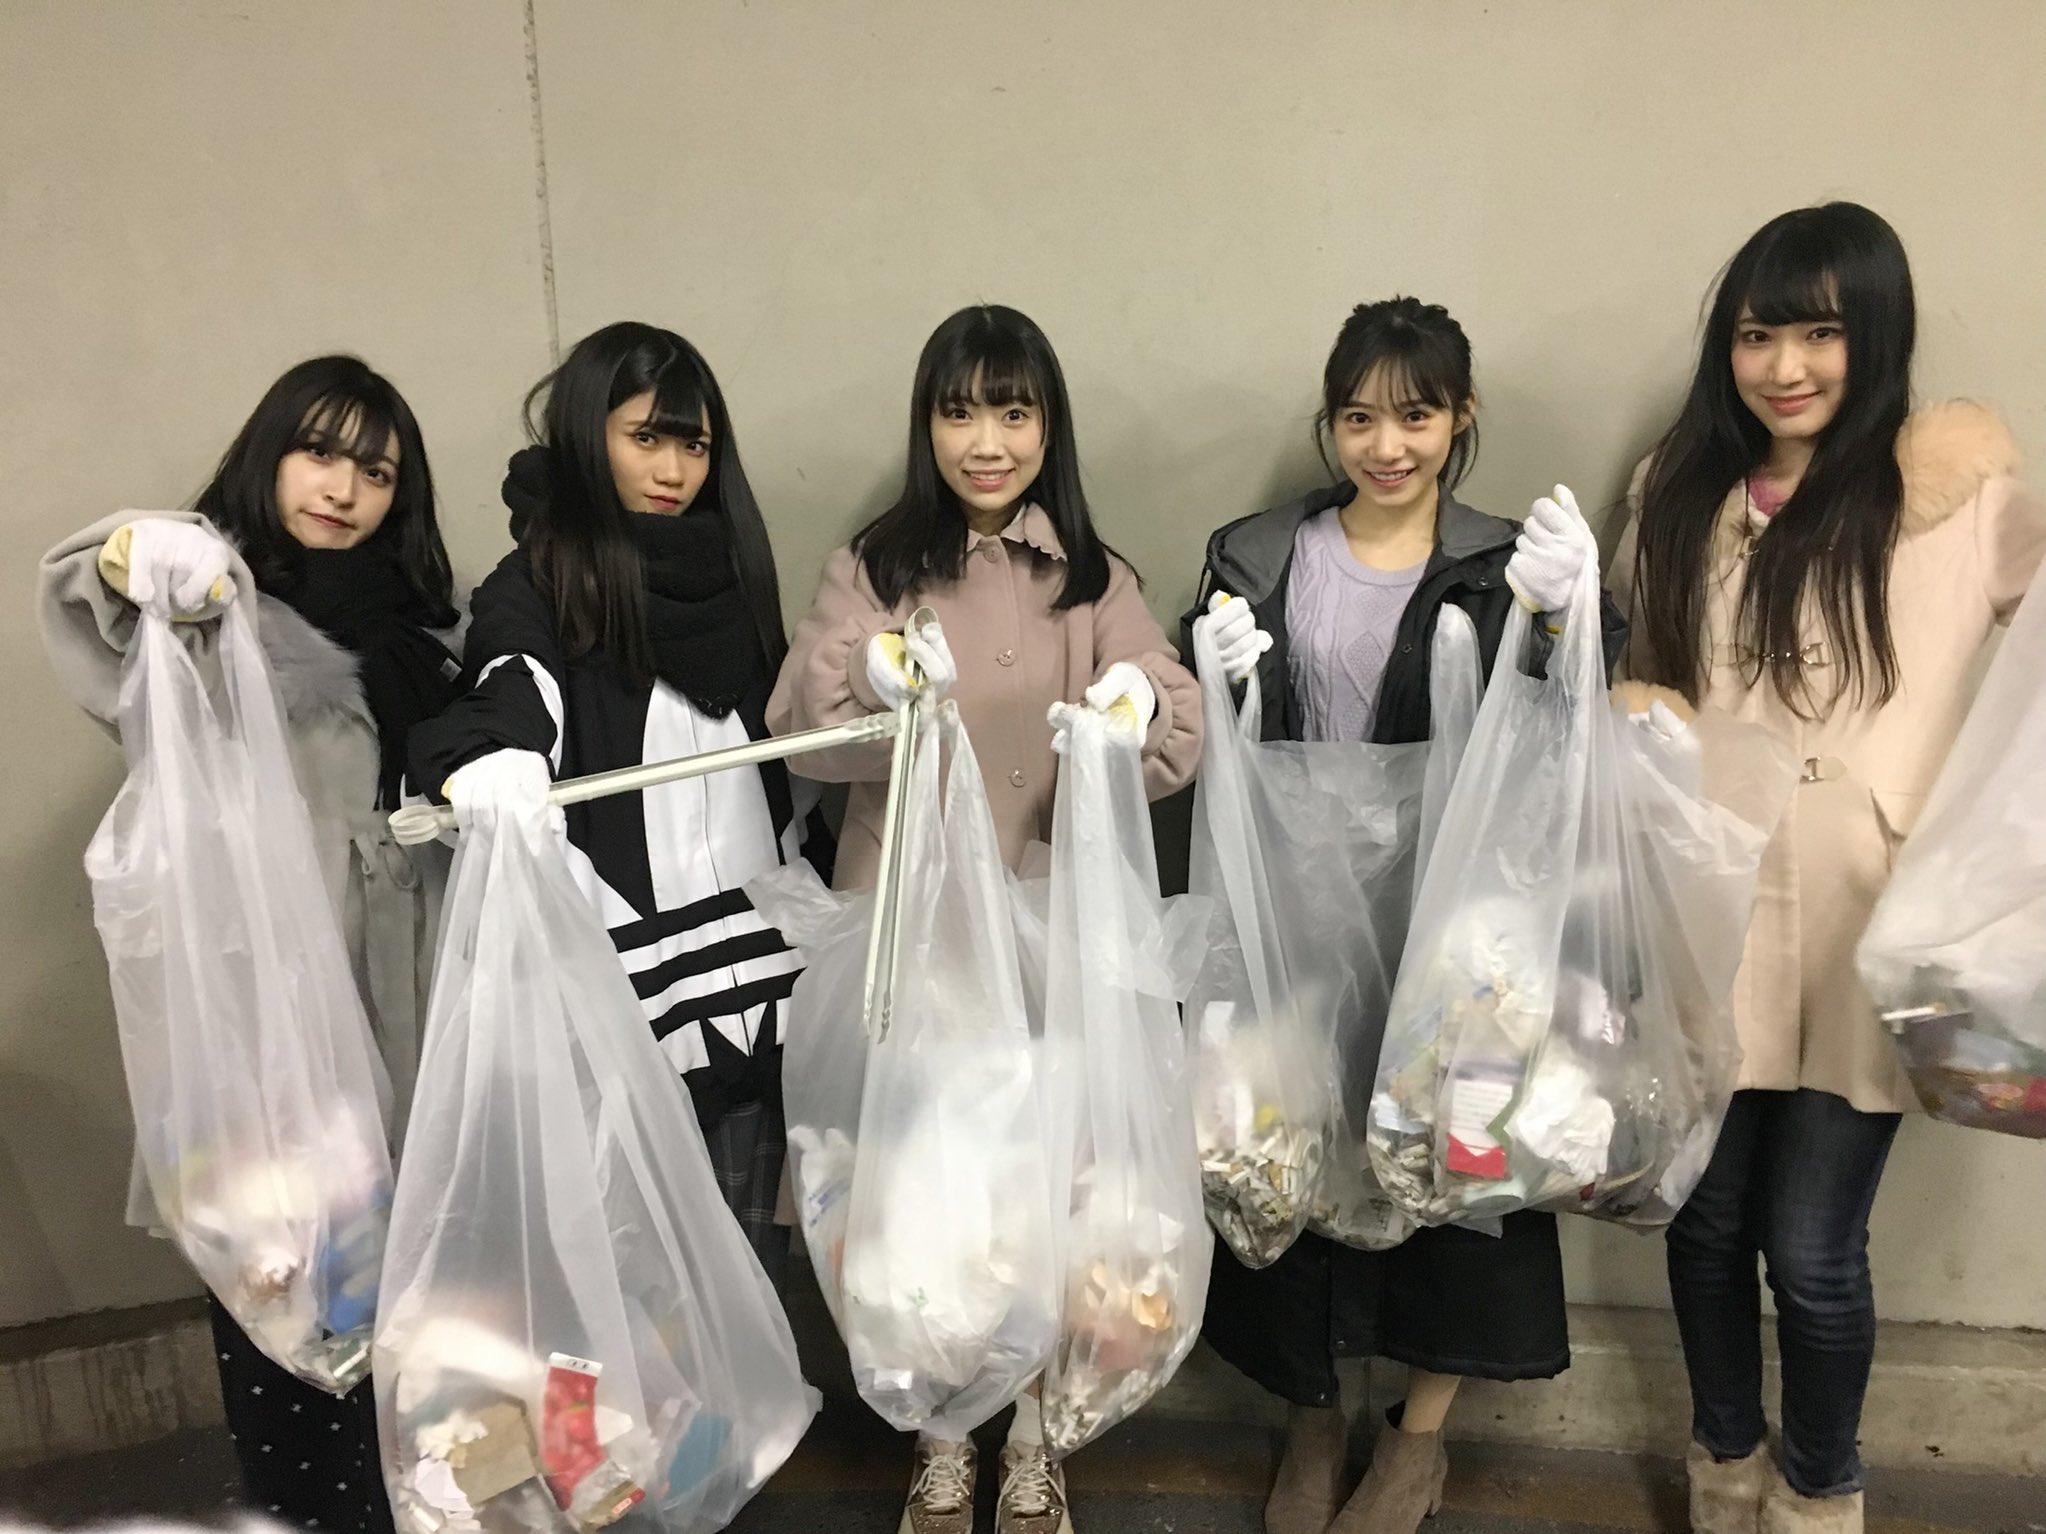 【NMB48】横野すみれ「難波お掃除してきました!ゴミたくさん、かなしい」